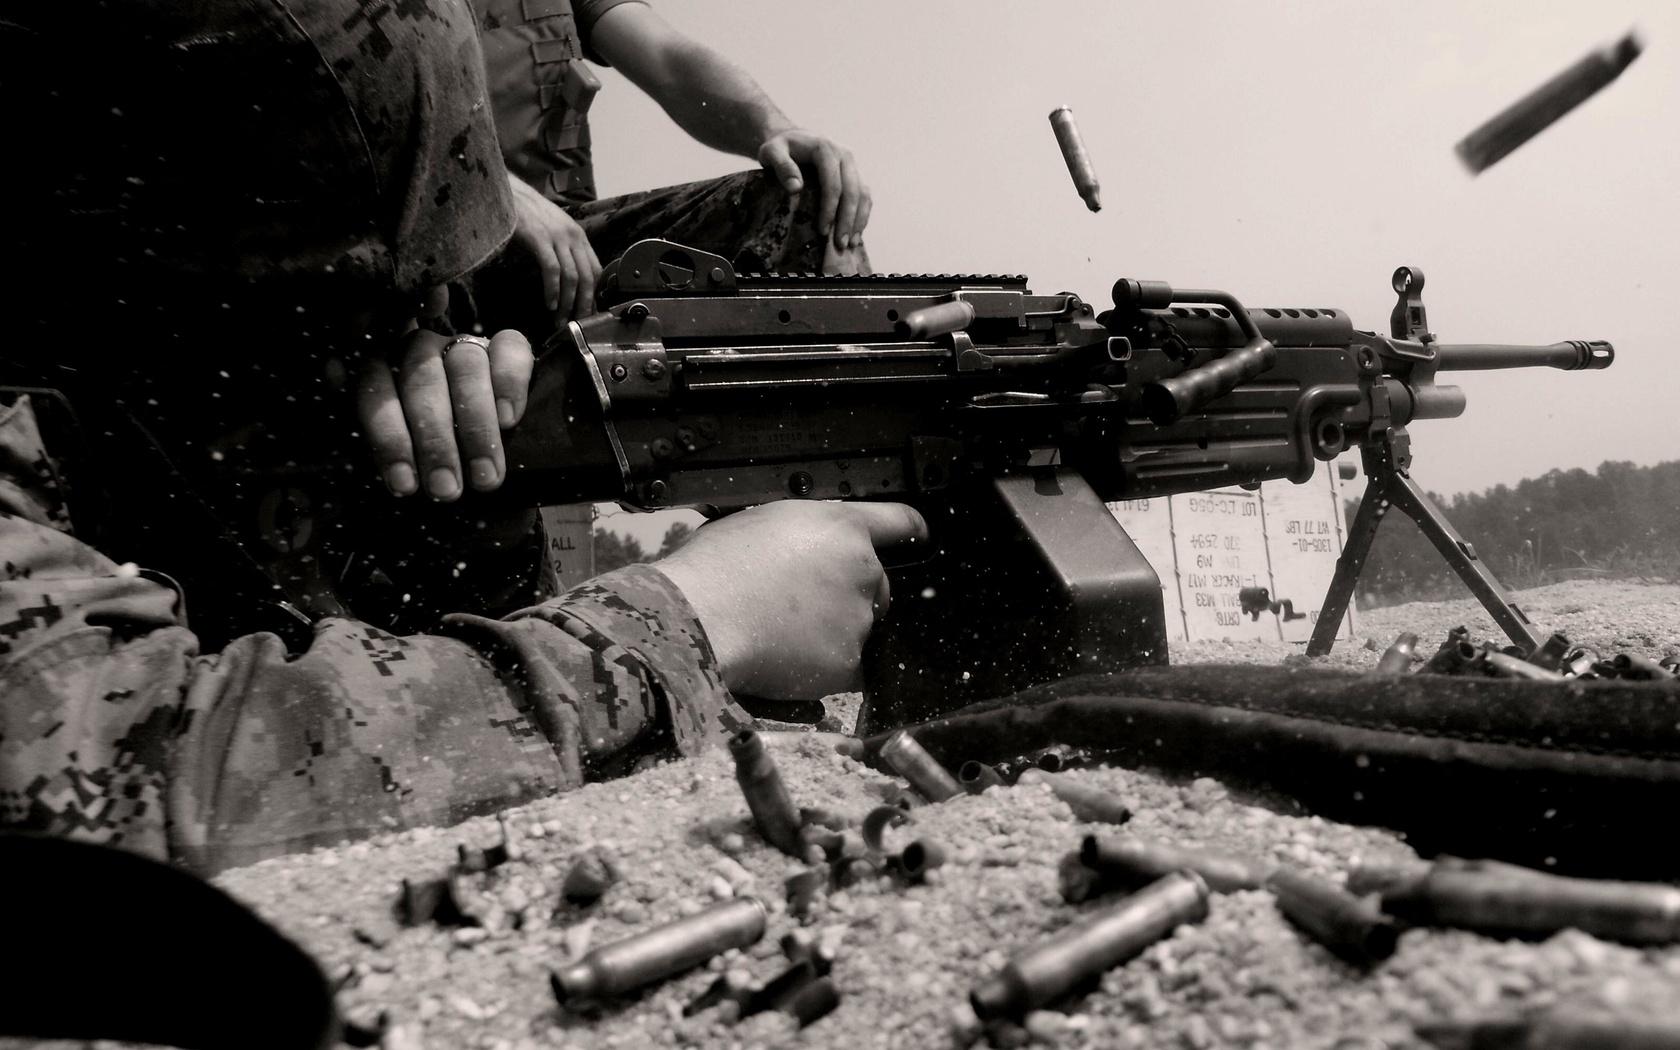 пулемет, патроны в пулеметной ленте, скачать фото, обои на рабочий стол, machine gun wallapers, weapon